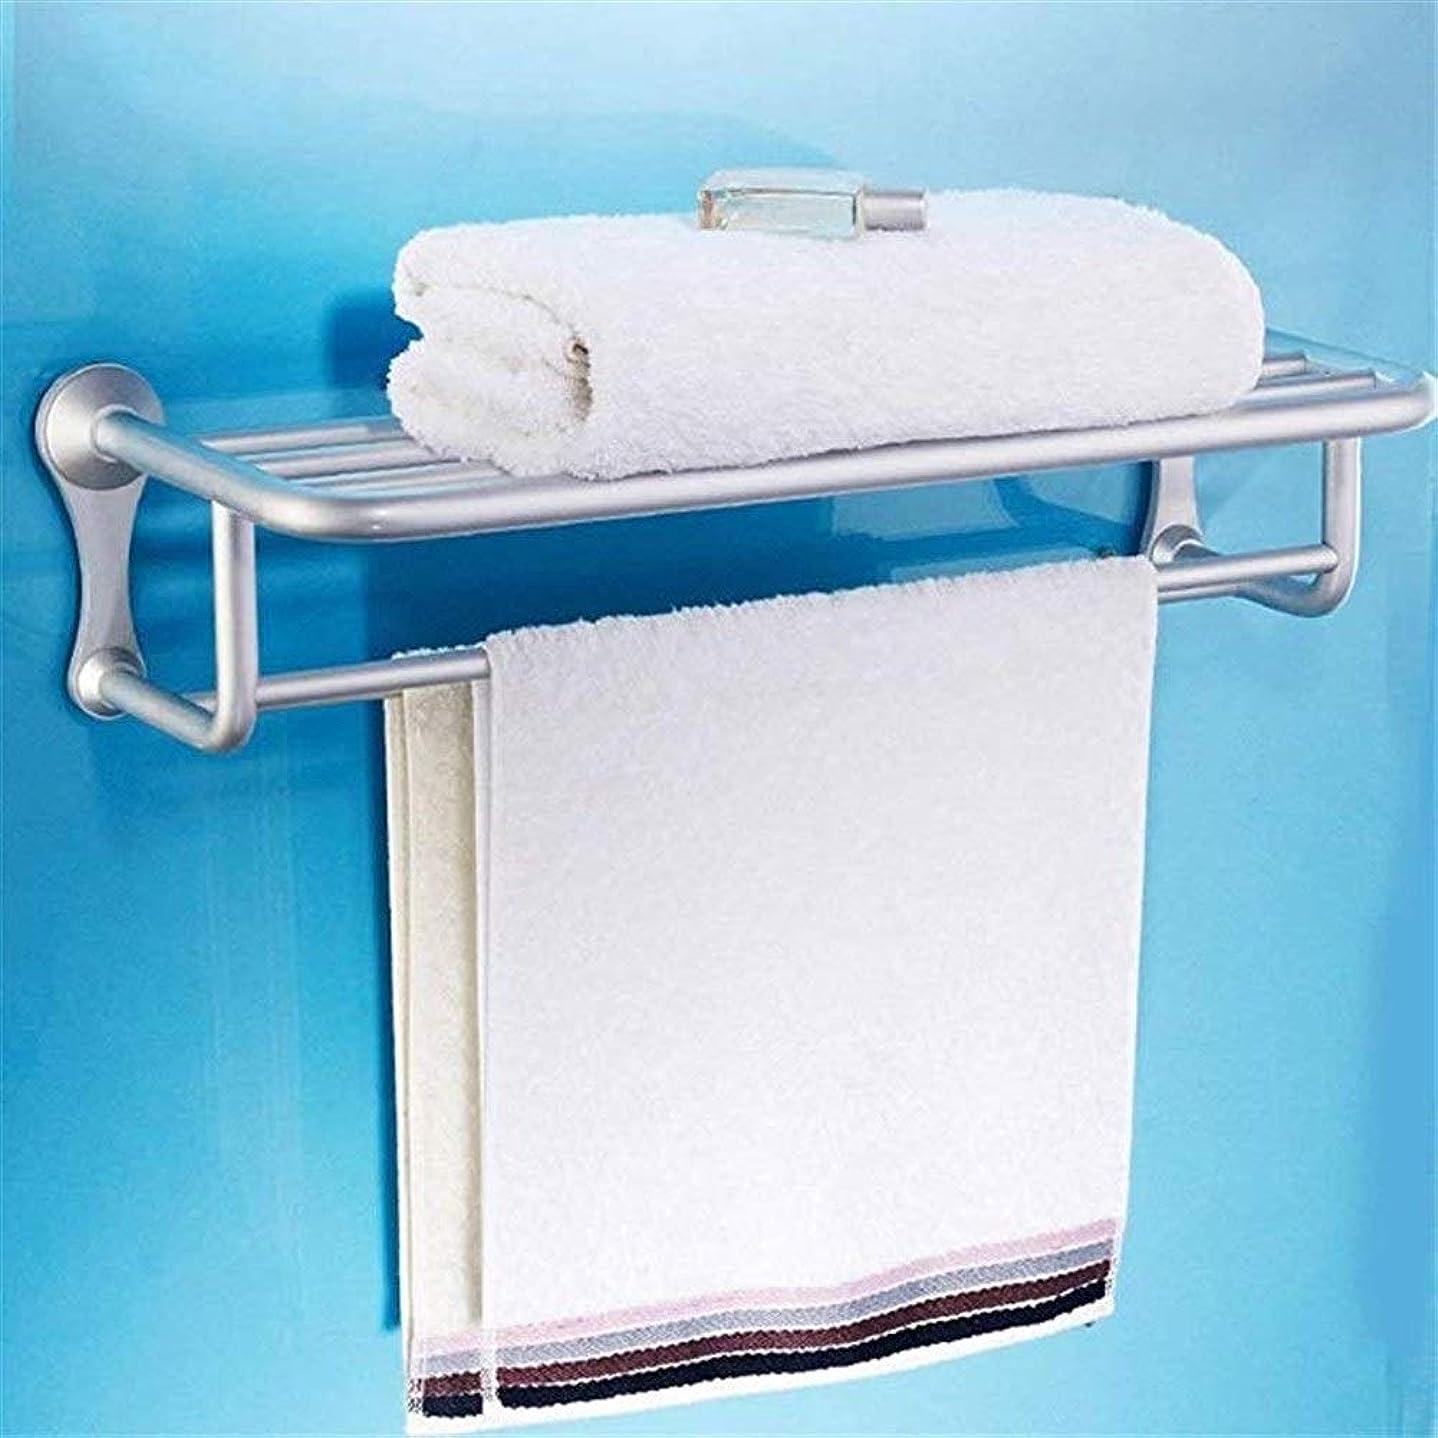 花火充実マーキングZXPzZ 壁掛け式タオル掛けスペースアルミ厚くする二重層タオル掛けバスタオル掛け